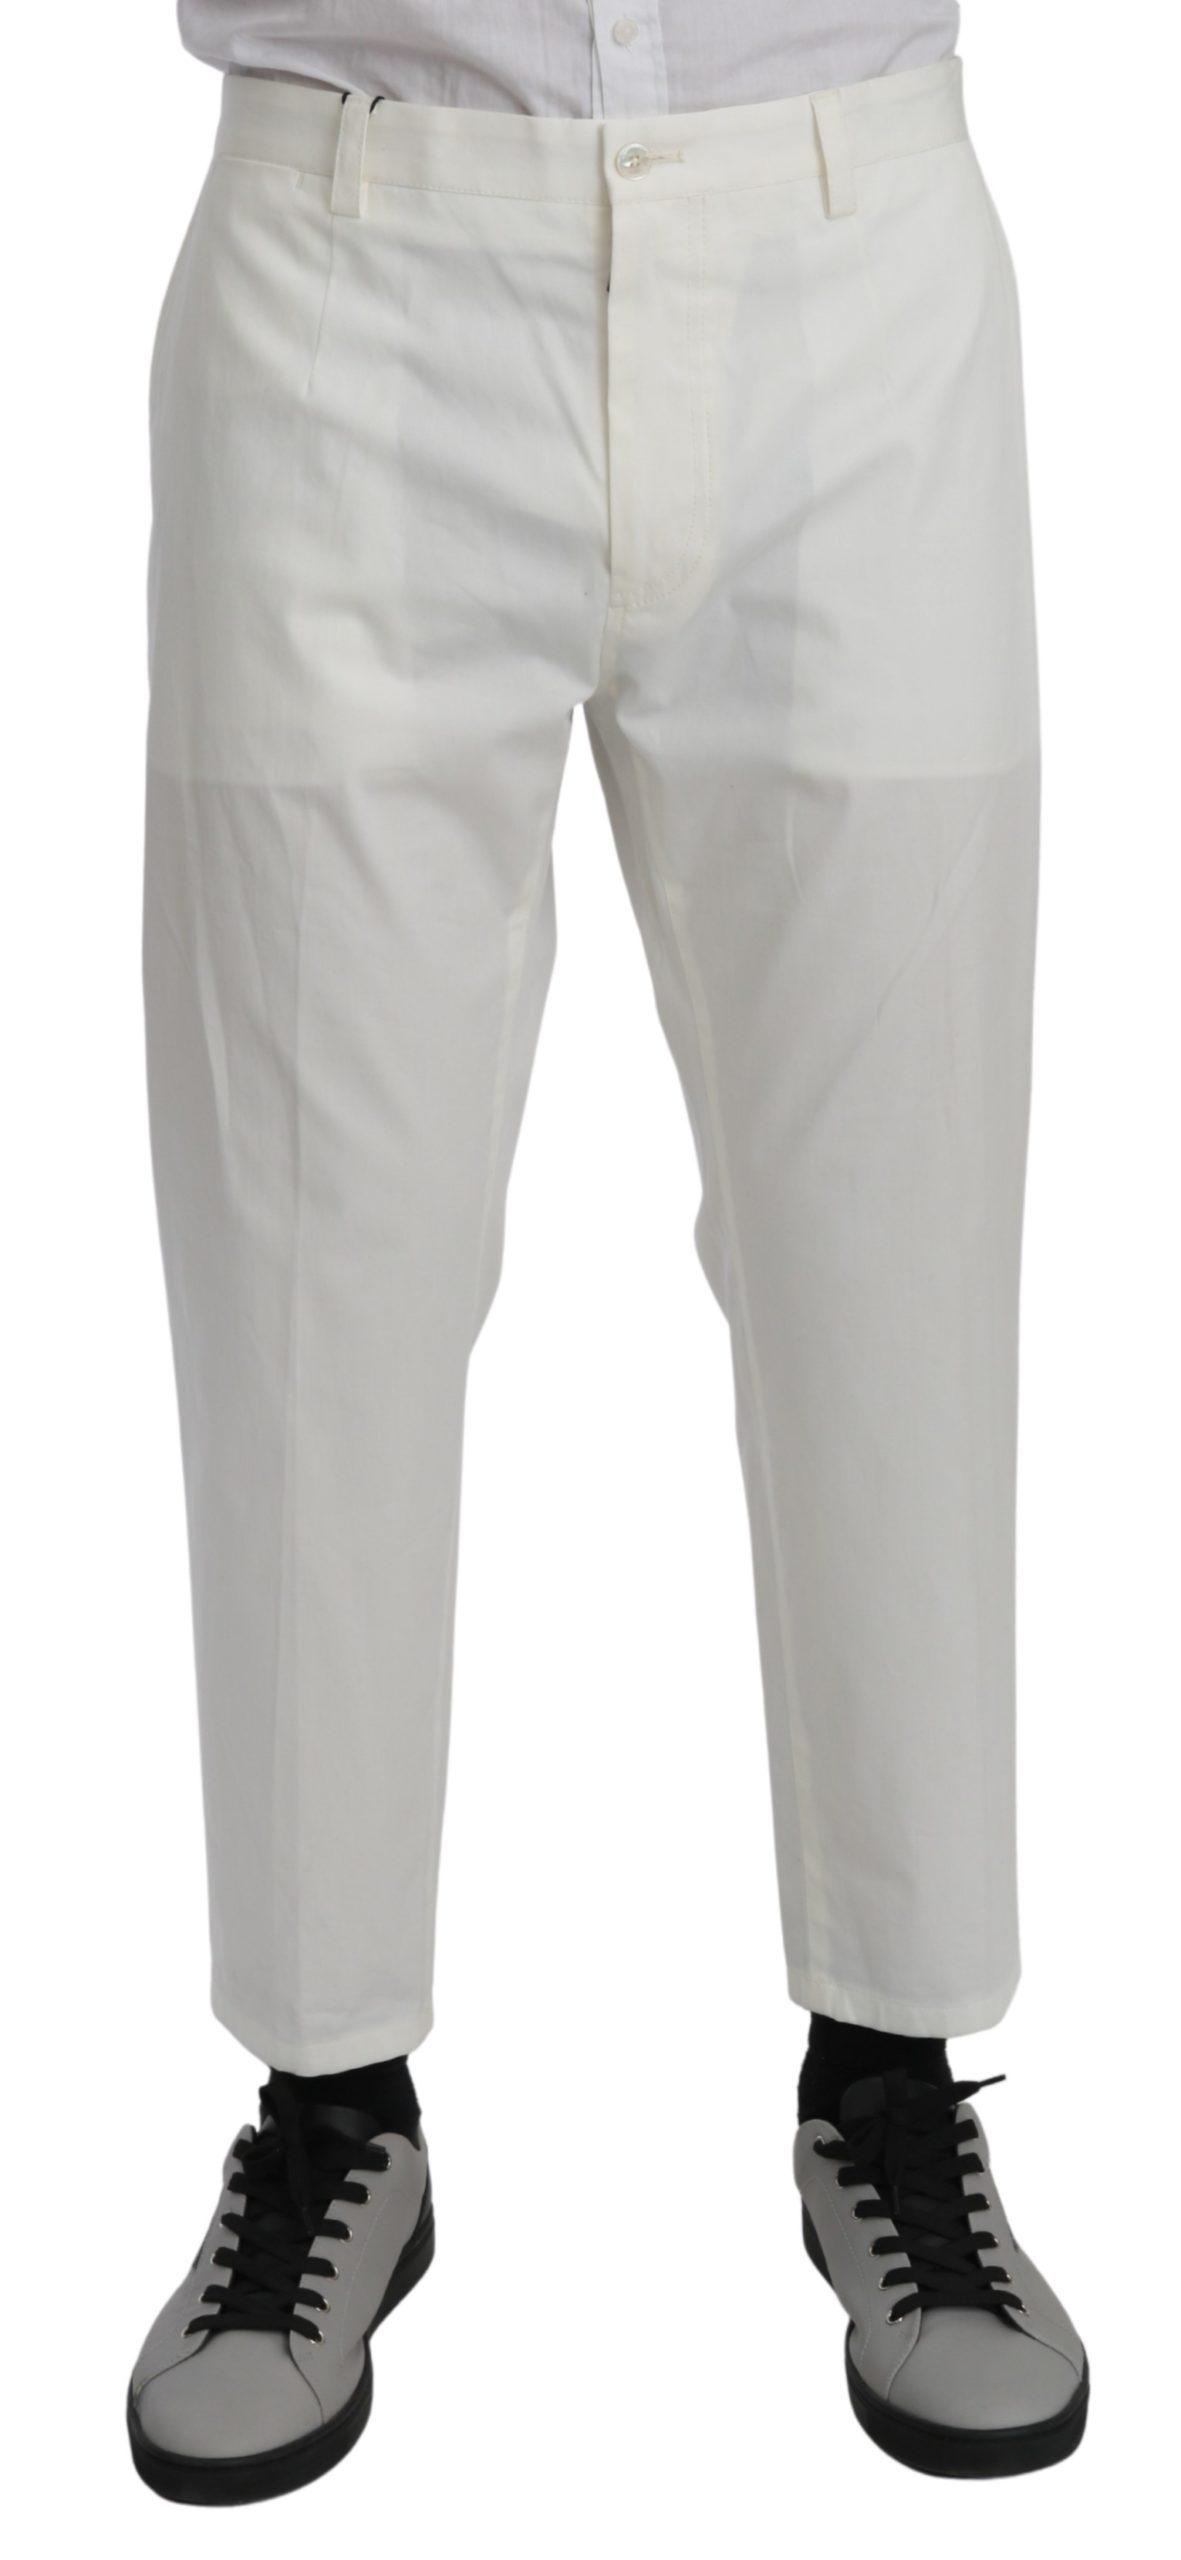 Dolce & Gabbana Men's Casual Cotton Stretch Trouser White PAN70962 - IT52 | XL